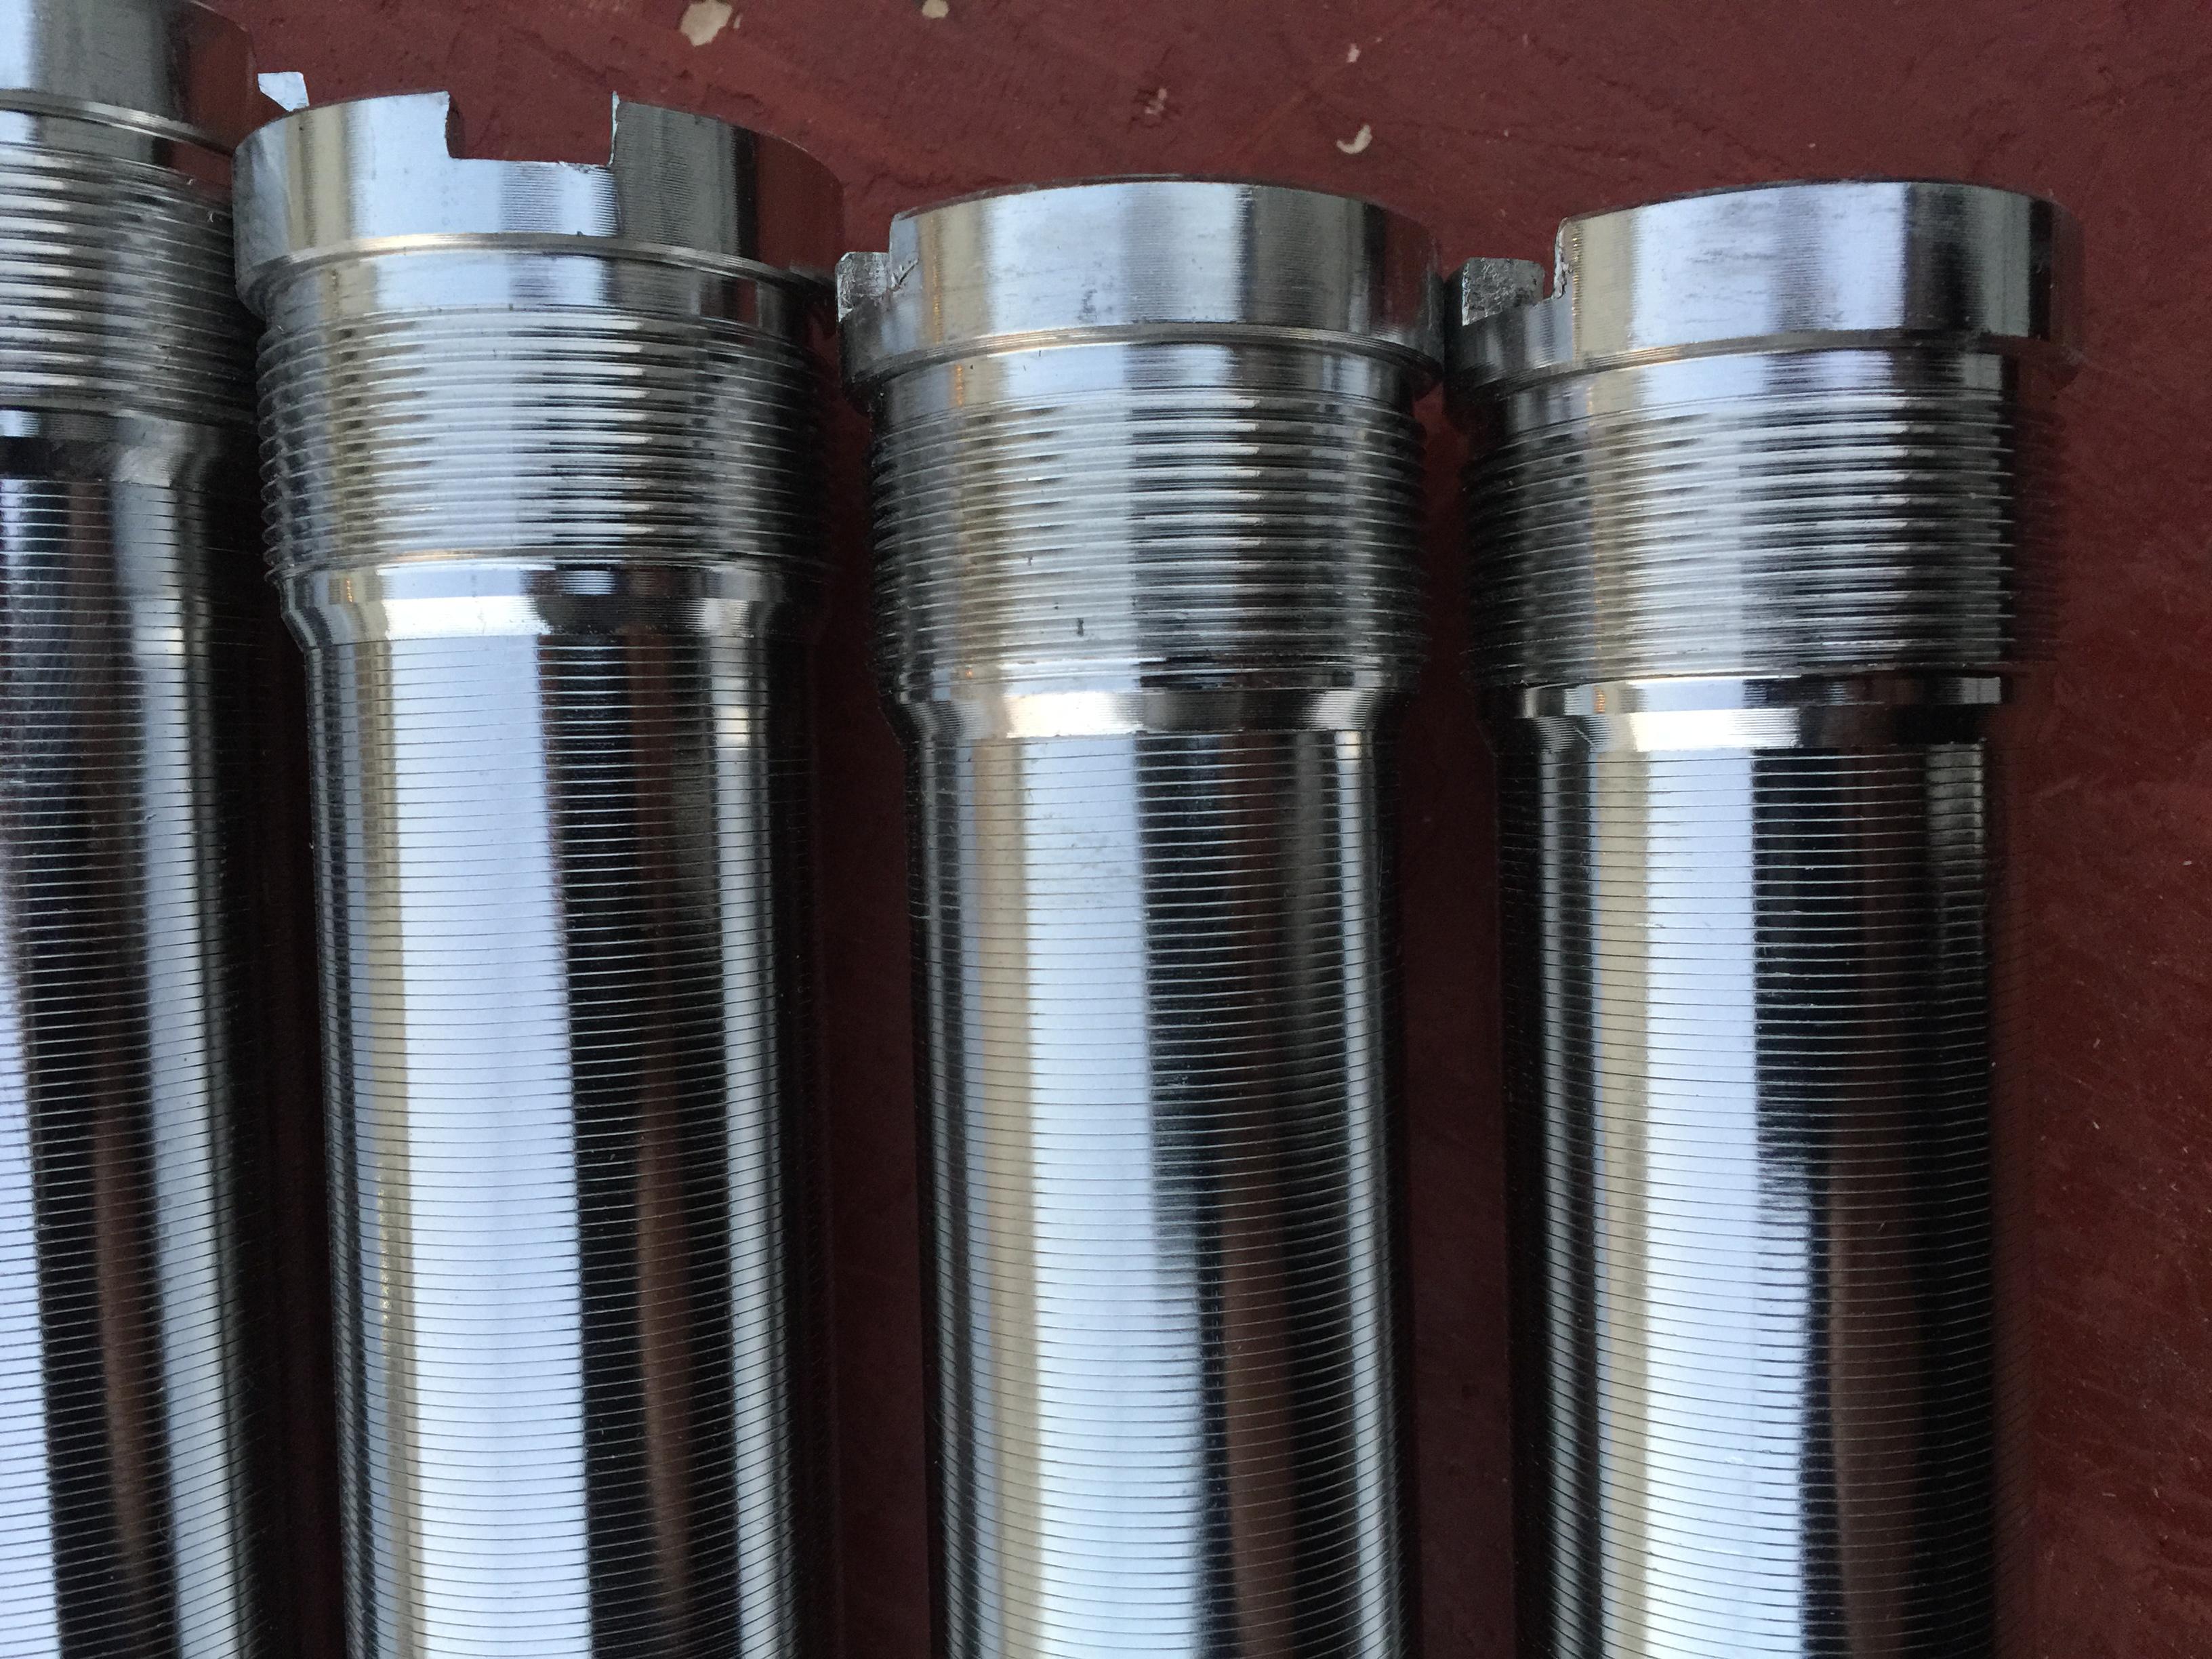 广兴滤材供应trislot滤芯,不锈钢T型丝滤芯,缝隙管,精度10微米